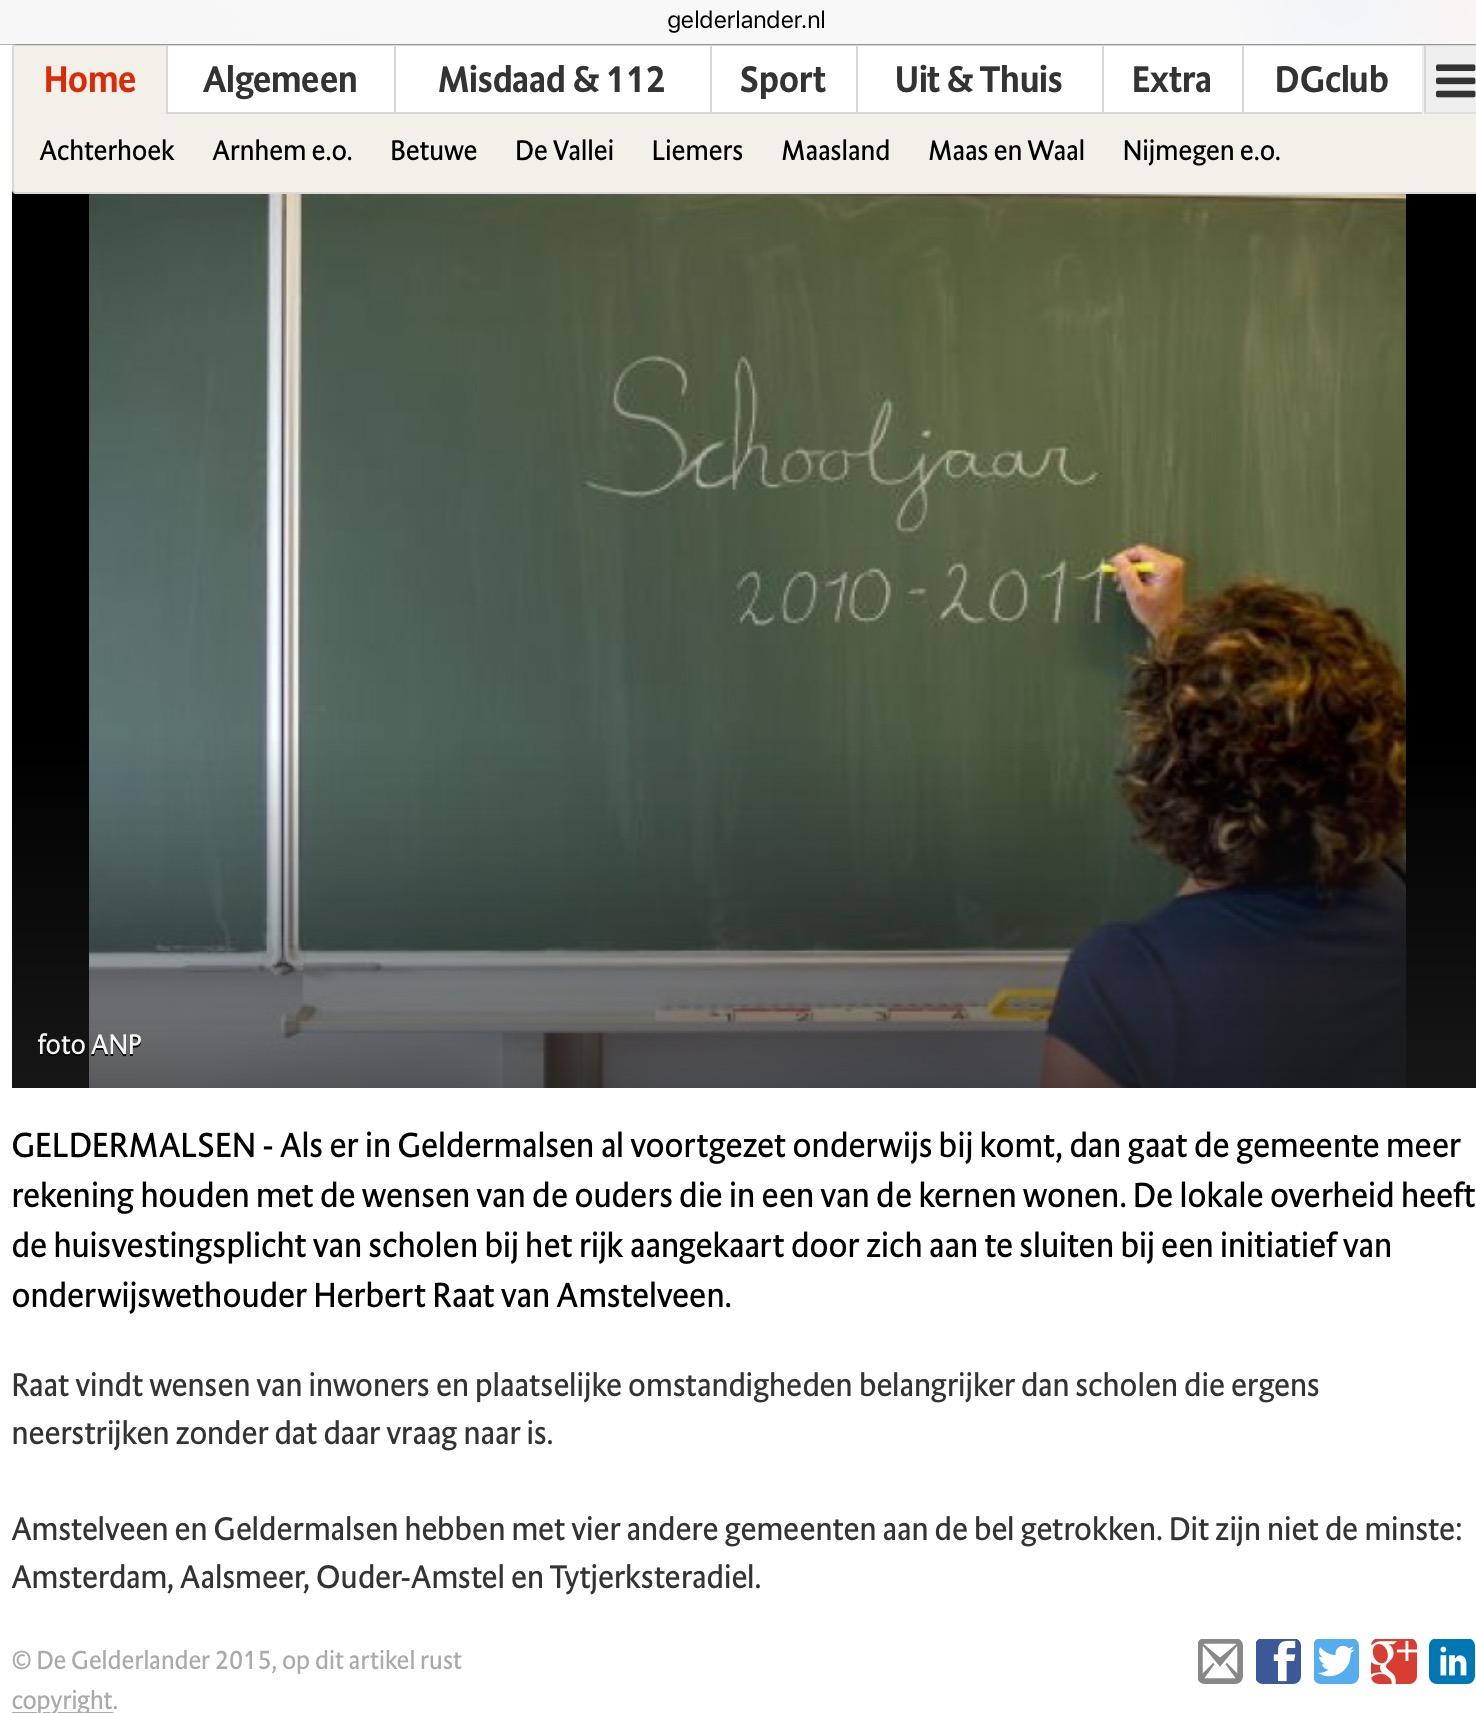 2015-De Gelderlander over meer zeggenschap ouders bij stichten school